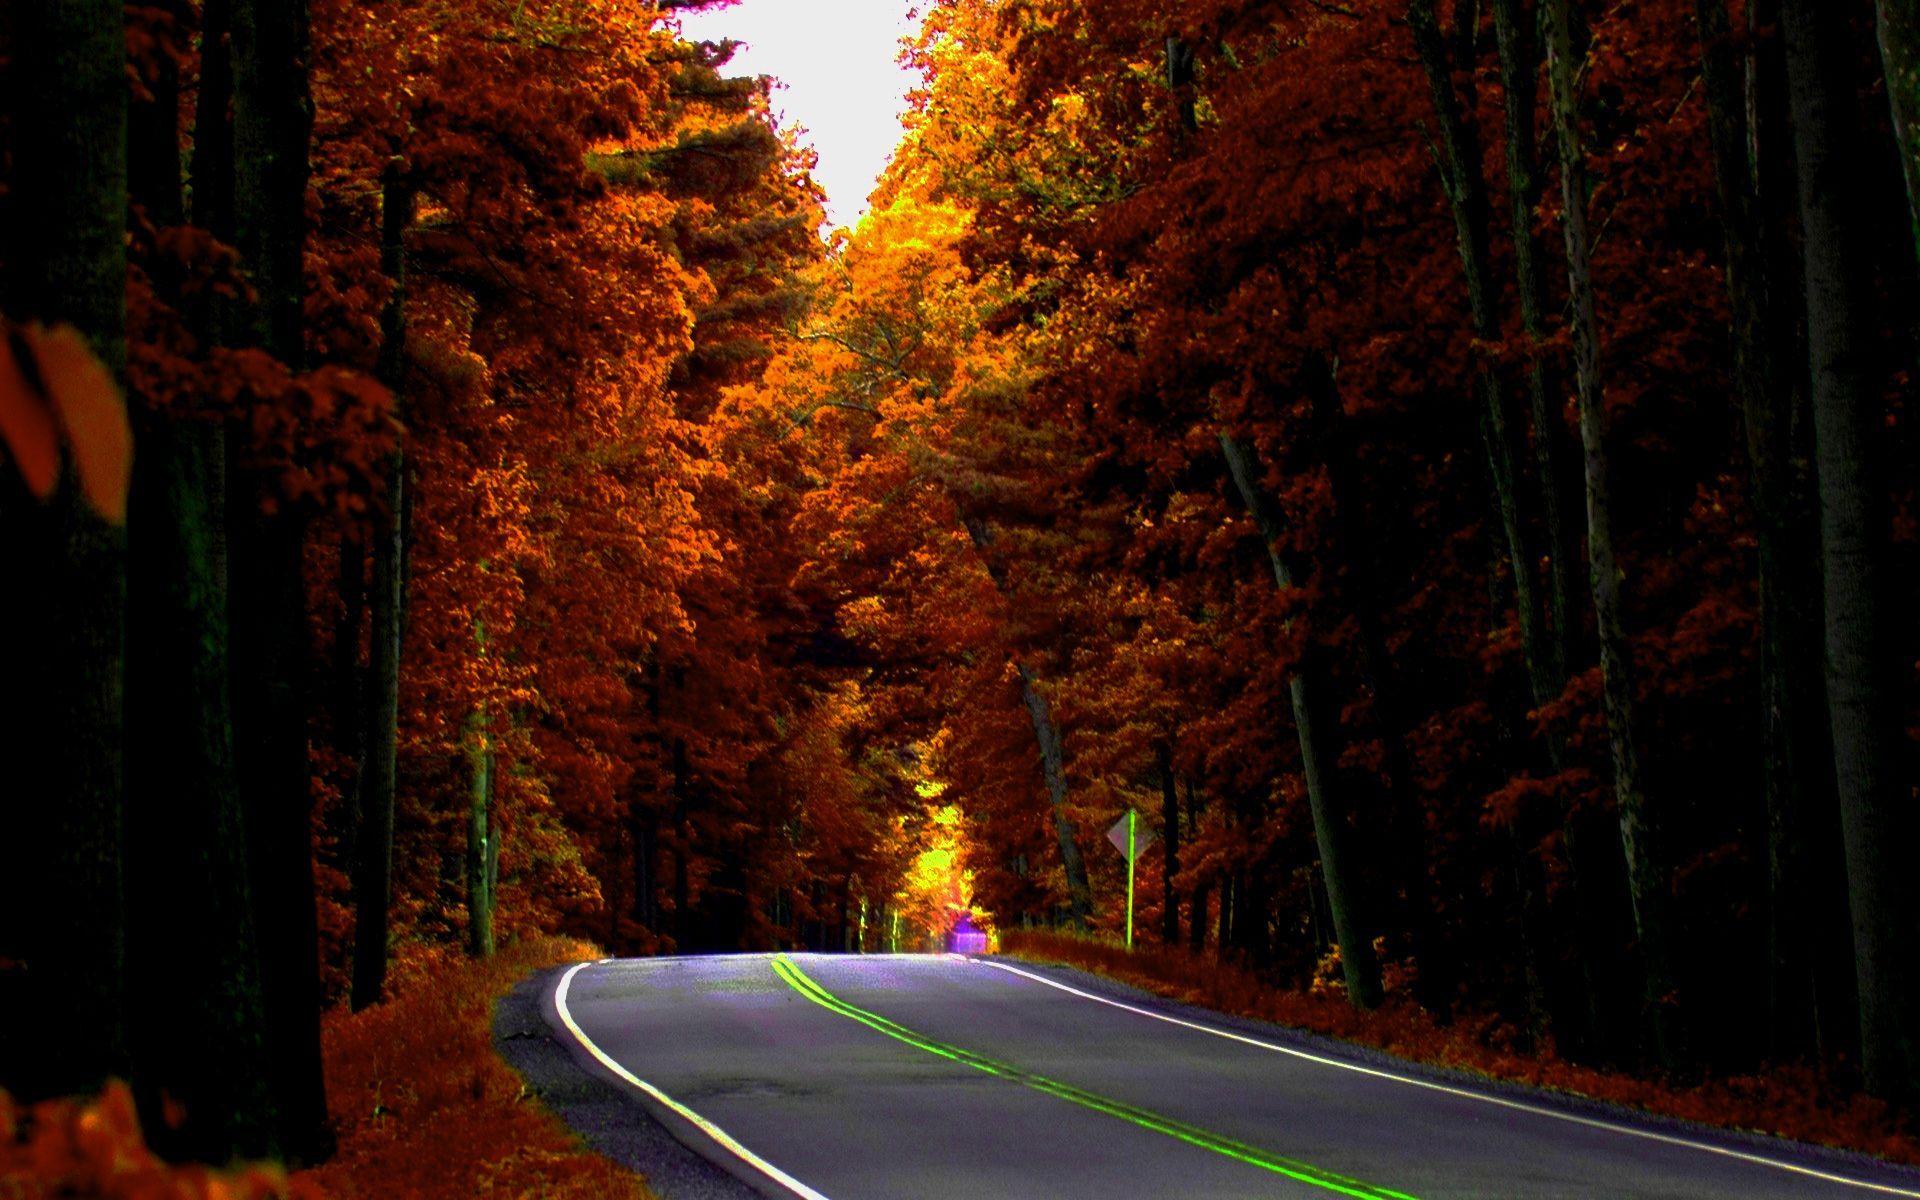 Autumn Road Wallpaper